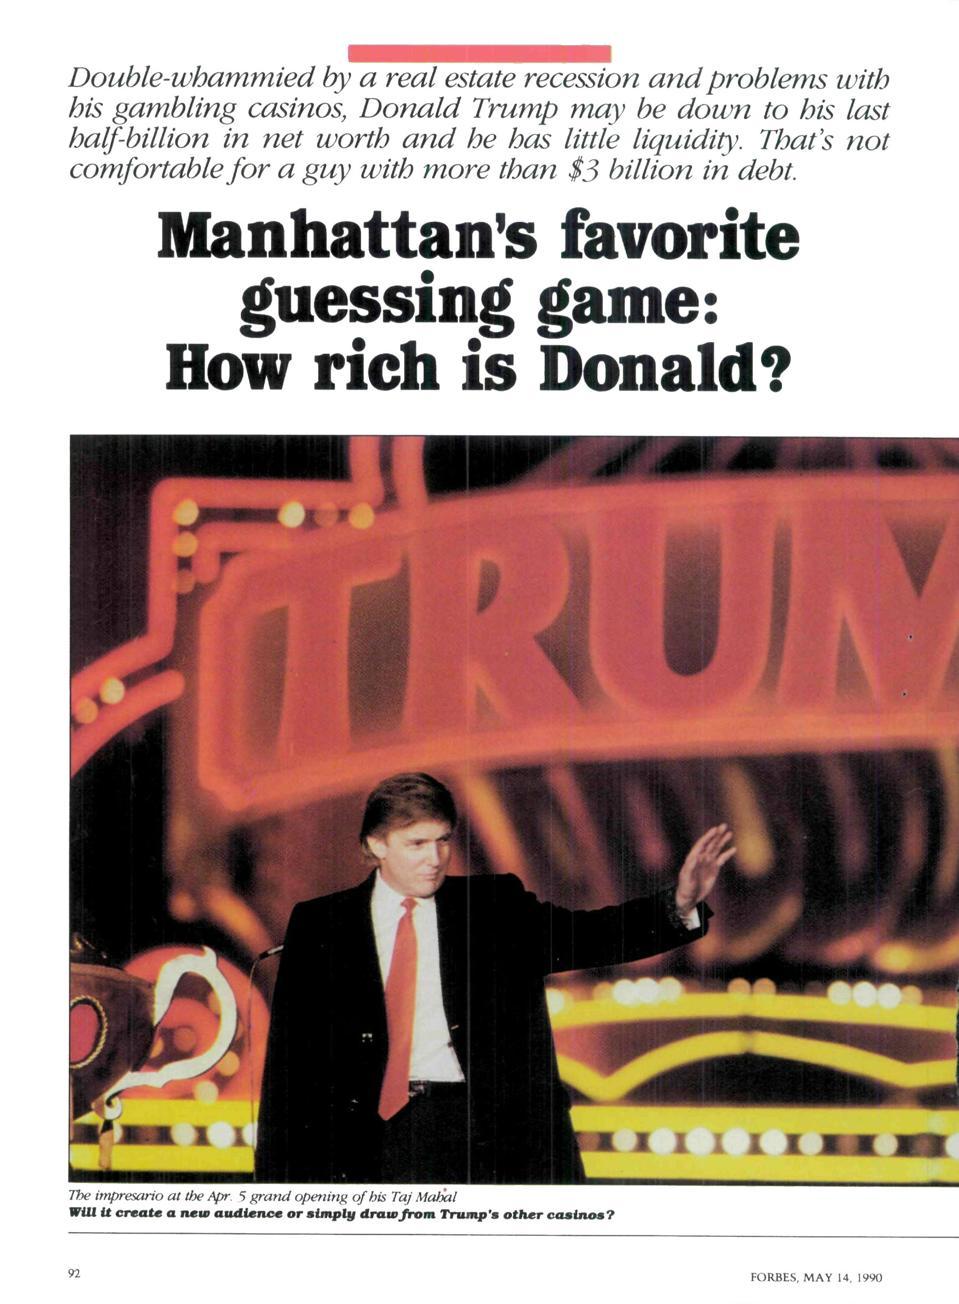 Donald Trump tax returns expose forbes